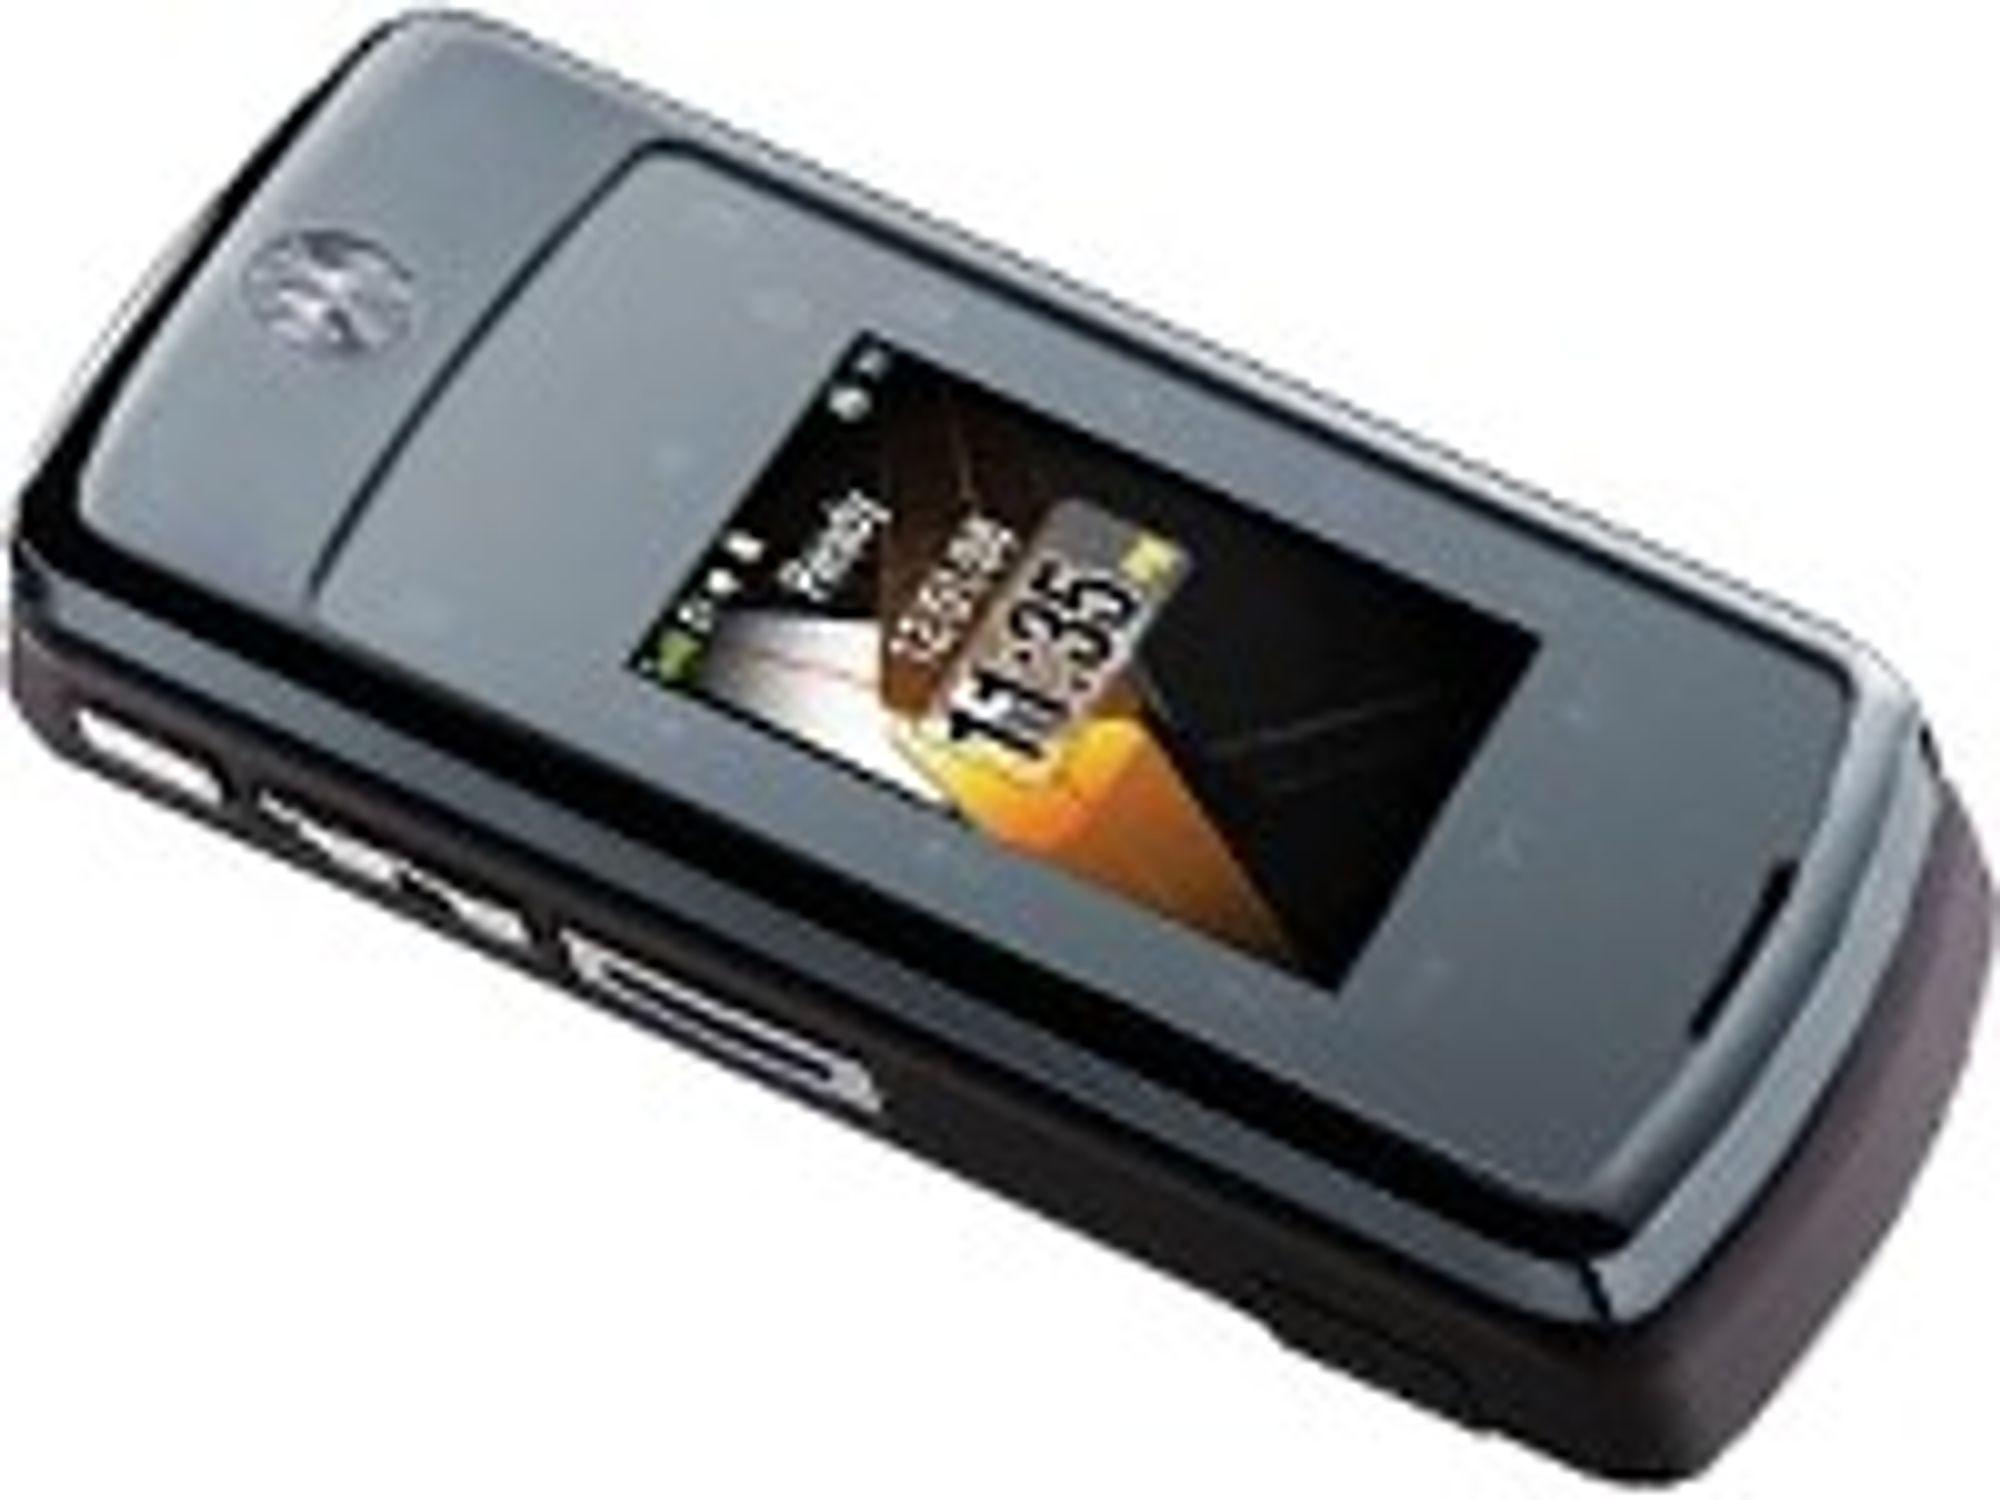 Stature i9 er blant modellene Motorola håper kan bidra til å snu tap til vinst.